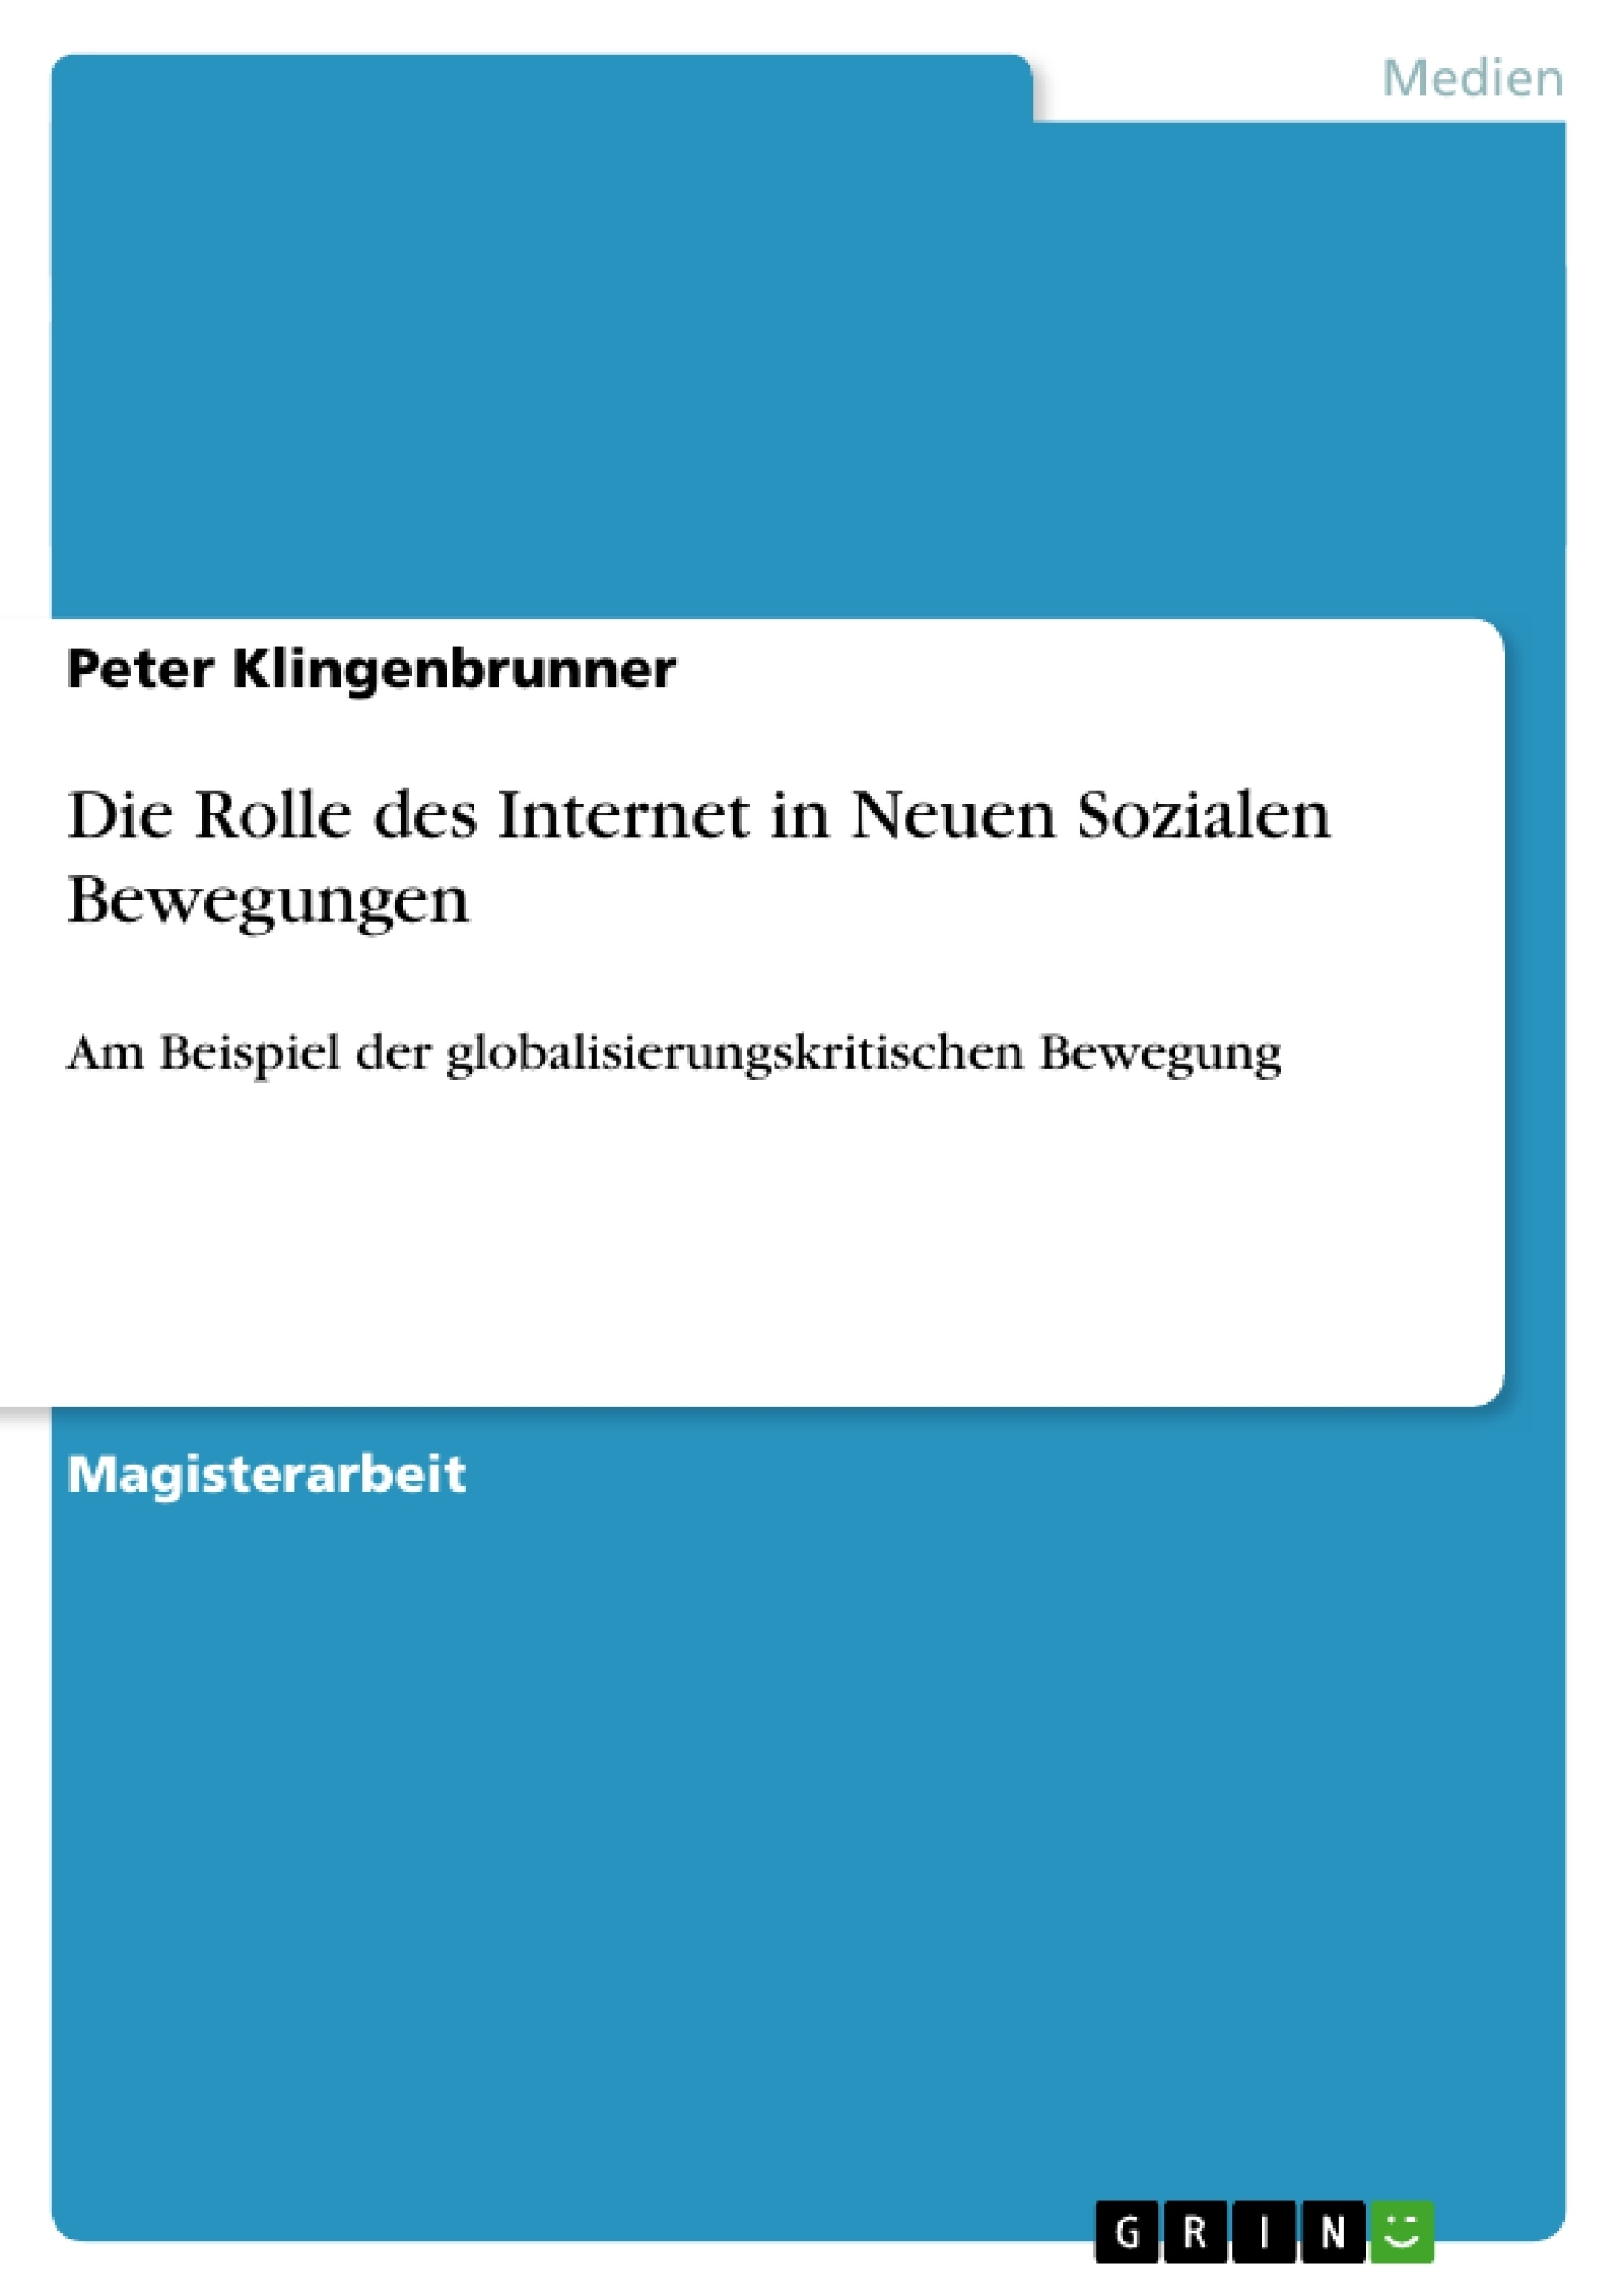 Titel: Die Rolle des Internet in Neuen Sozialen Bewegungen